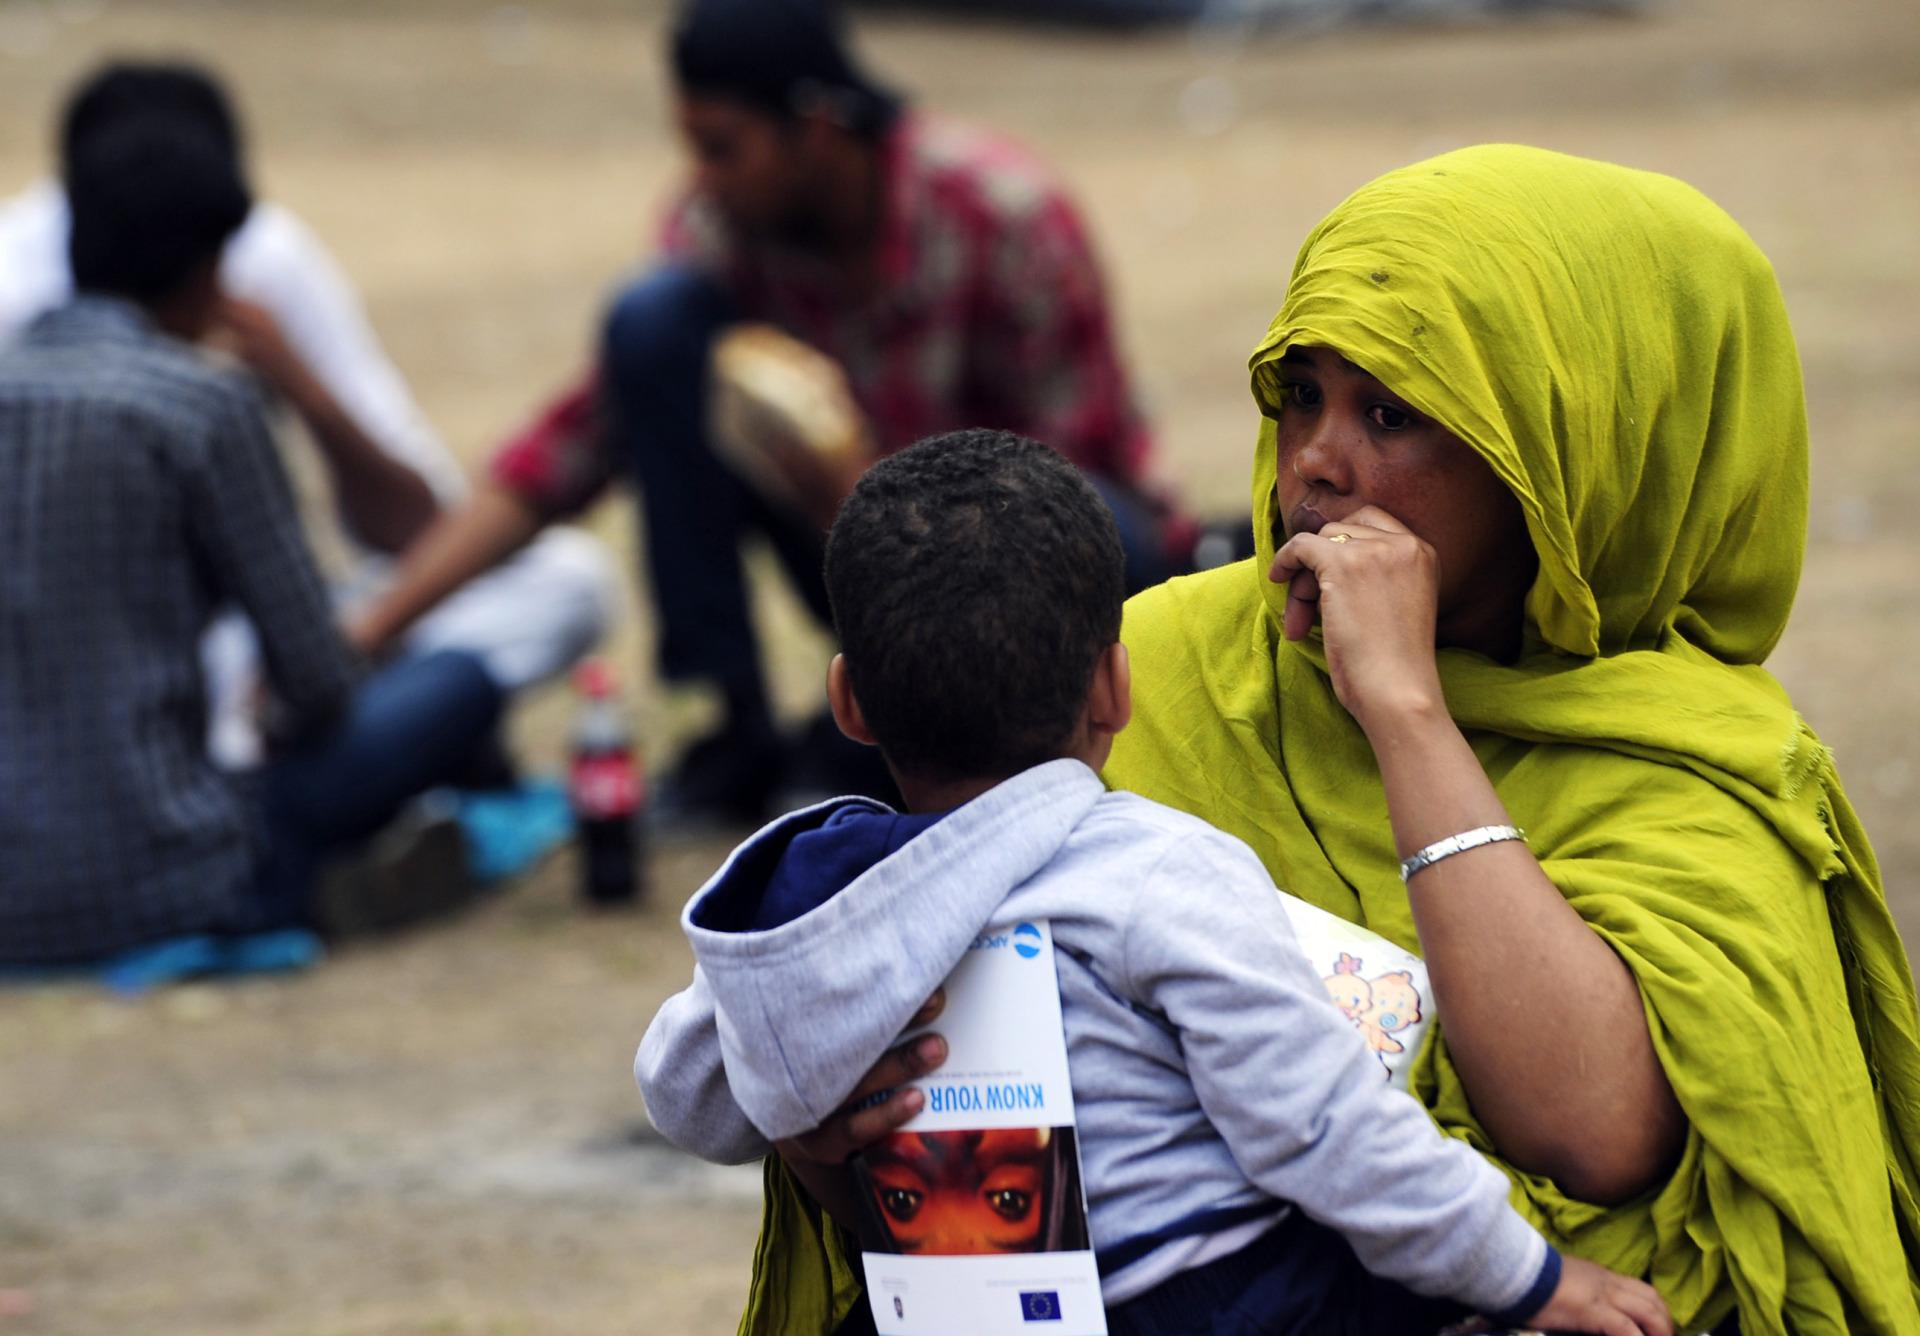 OČEKUJU 800.000 IZBJEGLICA Polovica Nijemaca zabrinuta zbog migranata